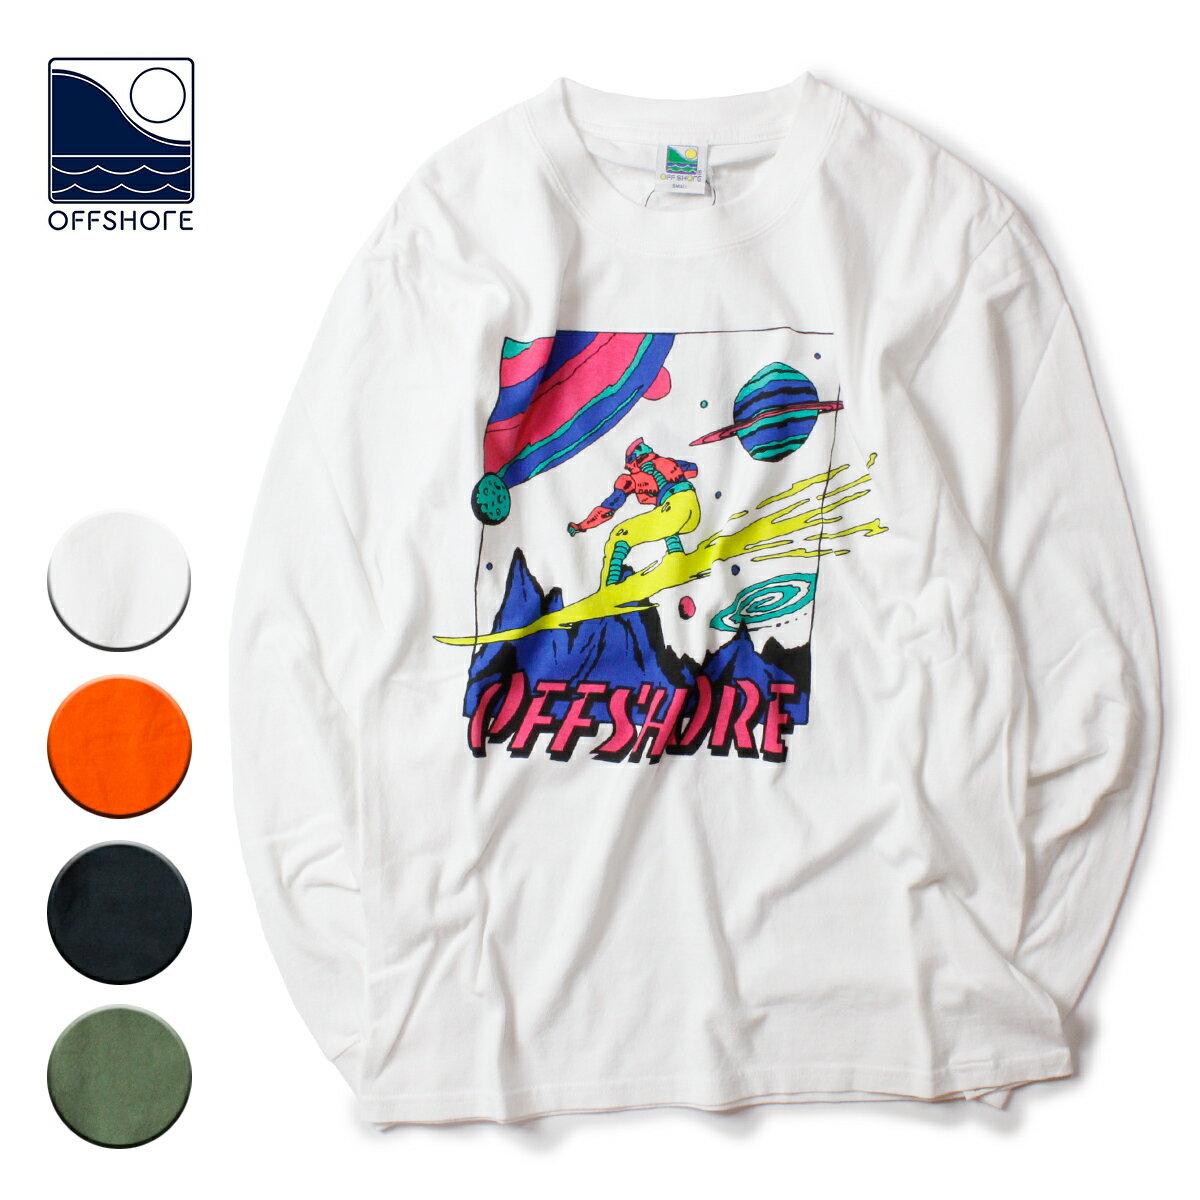 トップス, Tシャツ・カットソー OFFSHORE SPACE SURFER LS TEE S-XL OS19-1CS-006T T 90s